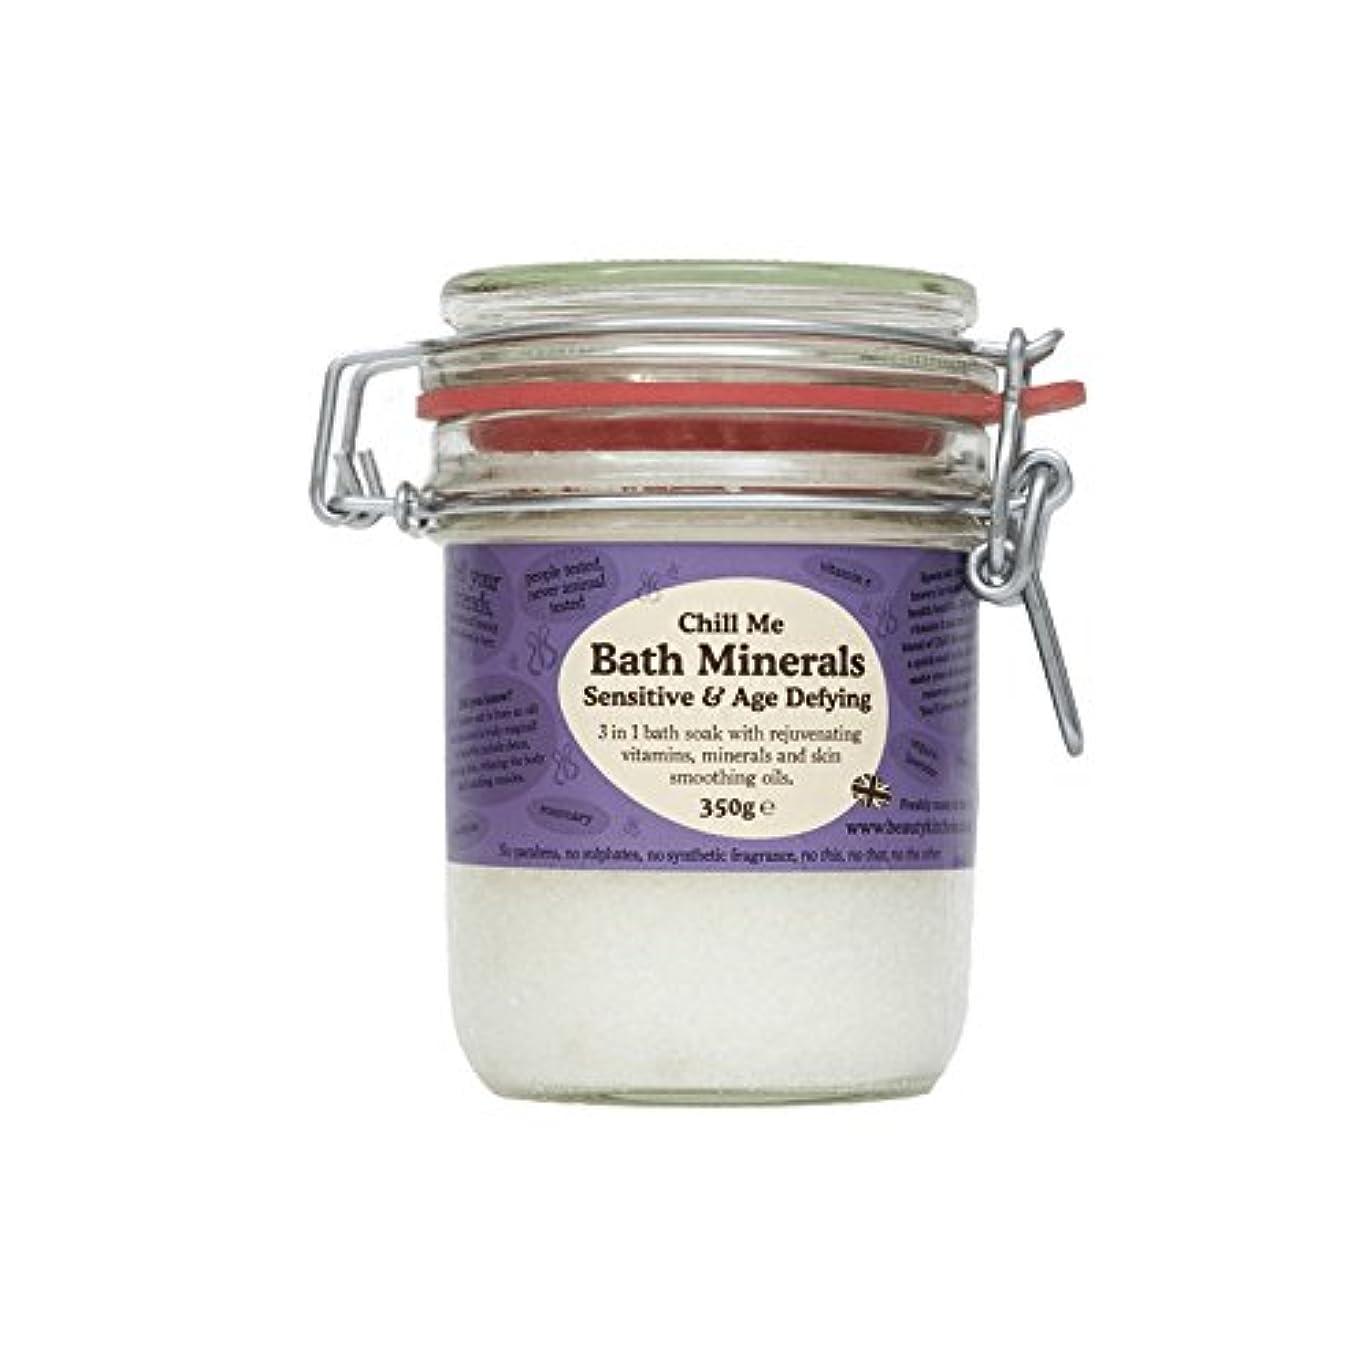 君主制あえぎ圧倒する美しさのキッチンは私の敏感&年齢挑むバス鉱物350グラムを冷やします - Beauty Kitchen Chill Me Sensitive & Age Defying Bath Minerals 350g (Beauty...